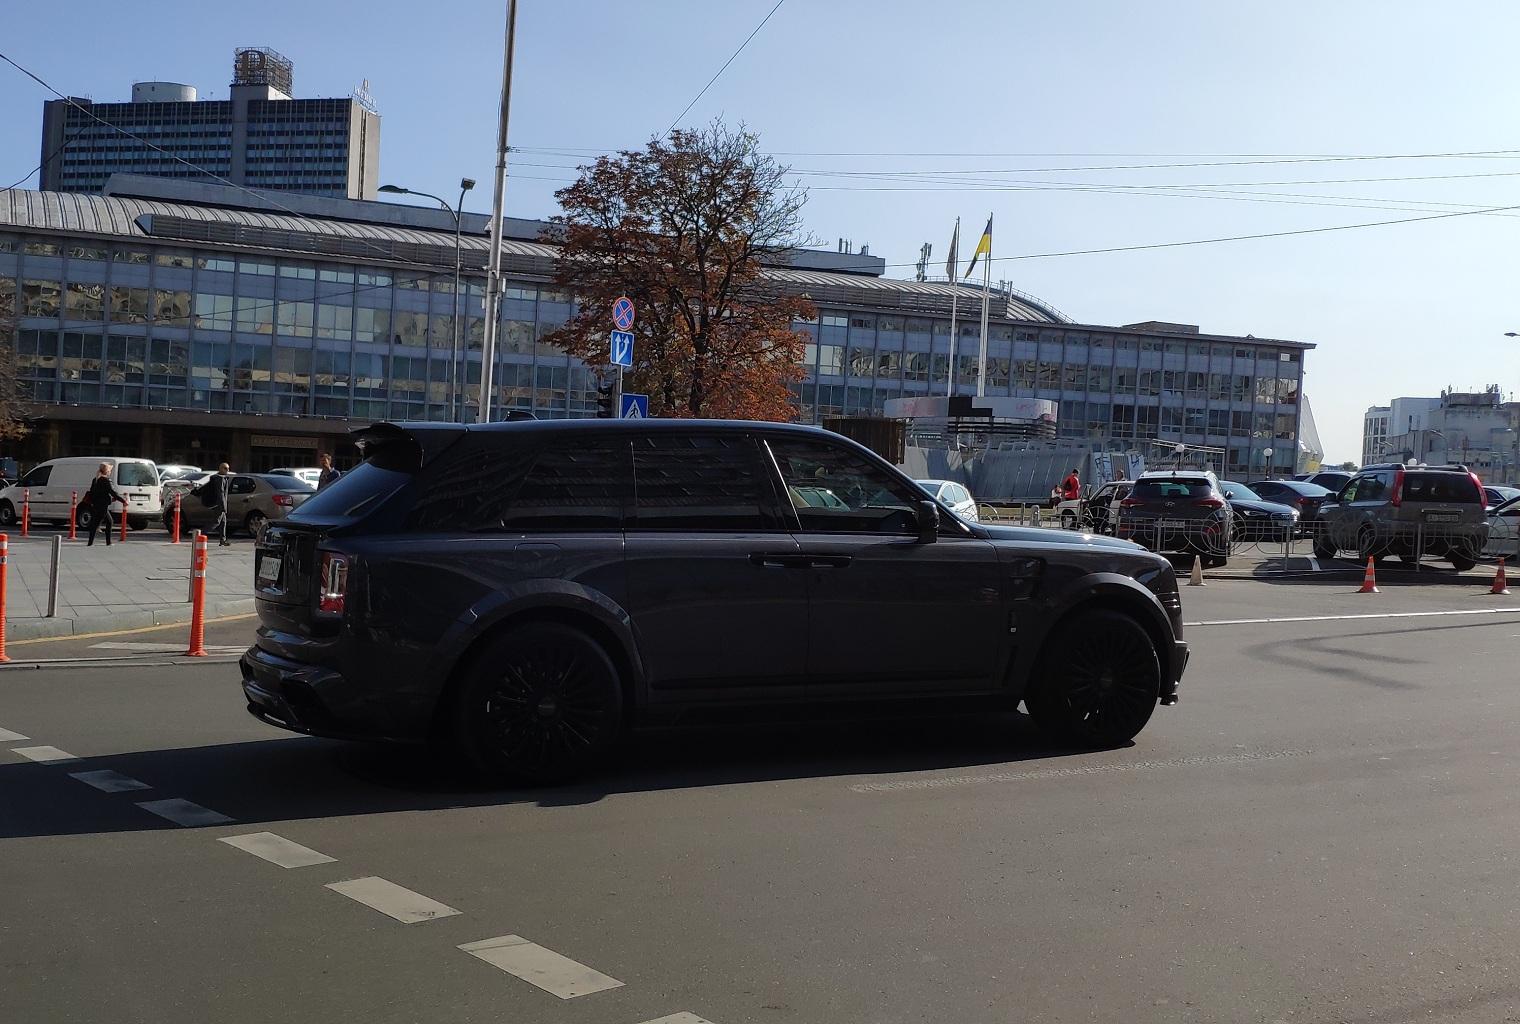 Назван самый дорогой автомобиль в Украине по итогам 2020 года